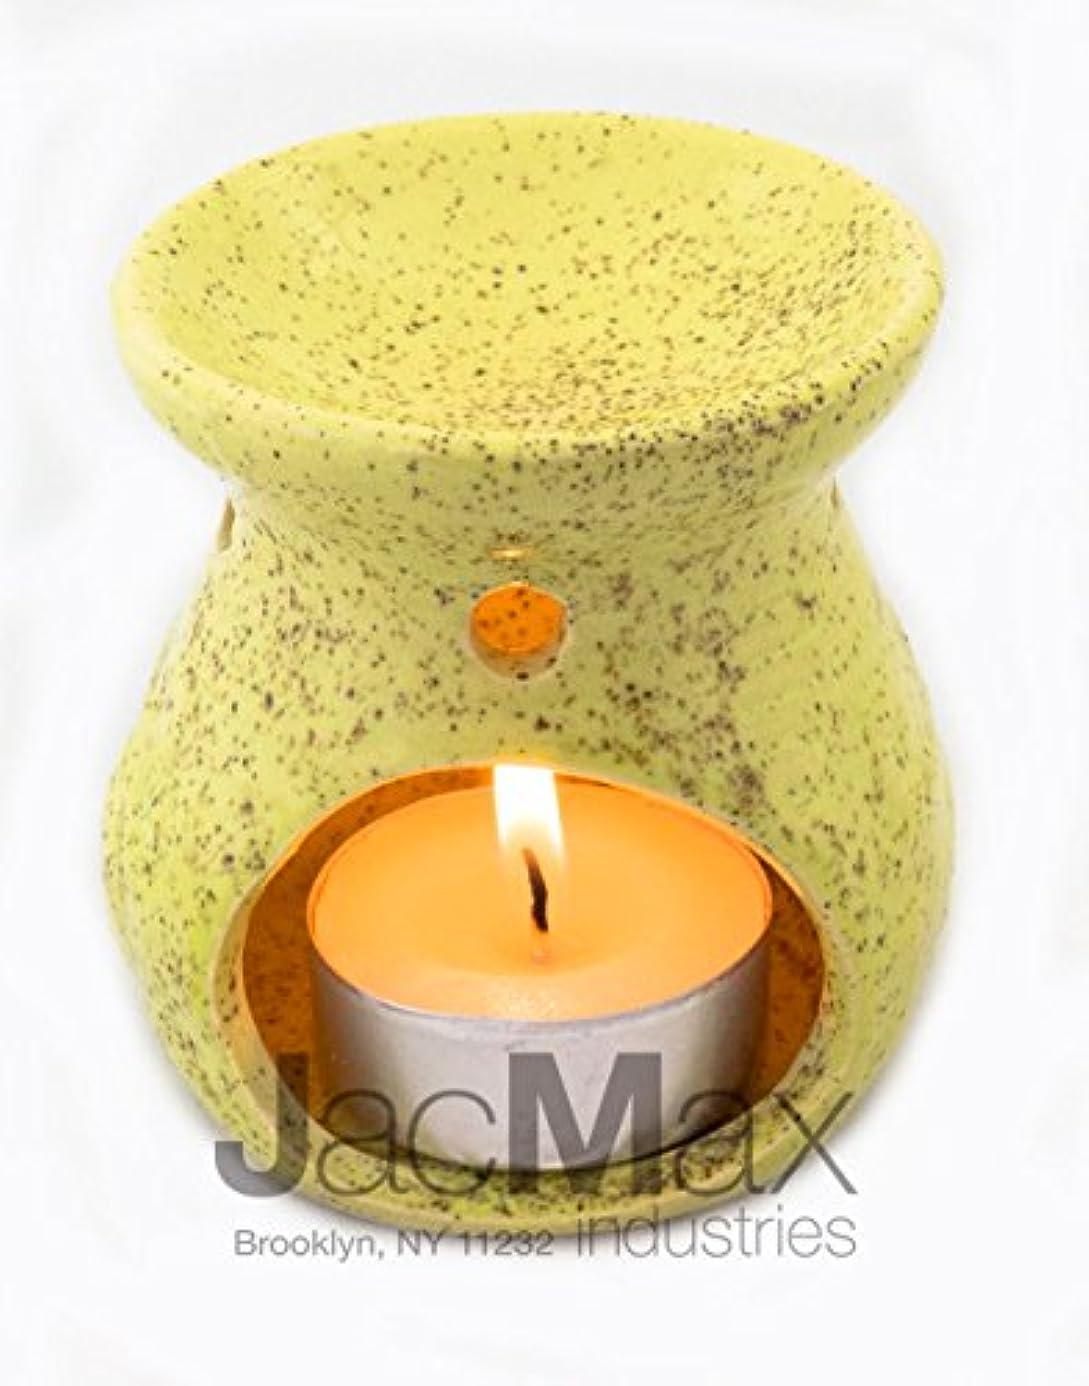 ストライプトランジスタ残酷なExpressive香りセラミックBurner for Oil andワックスMelts – Fragrance Oil Warmerランプイエロー26 – 17